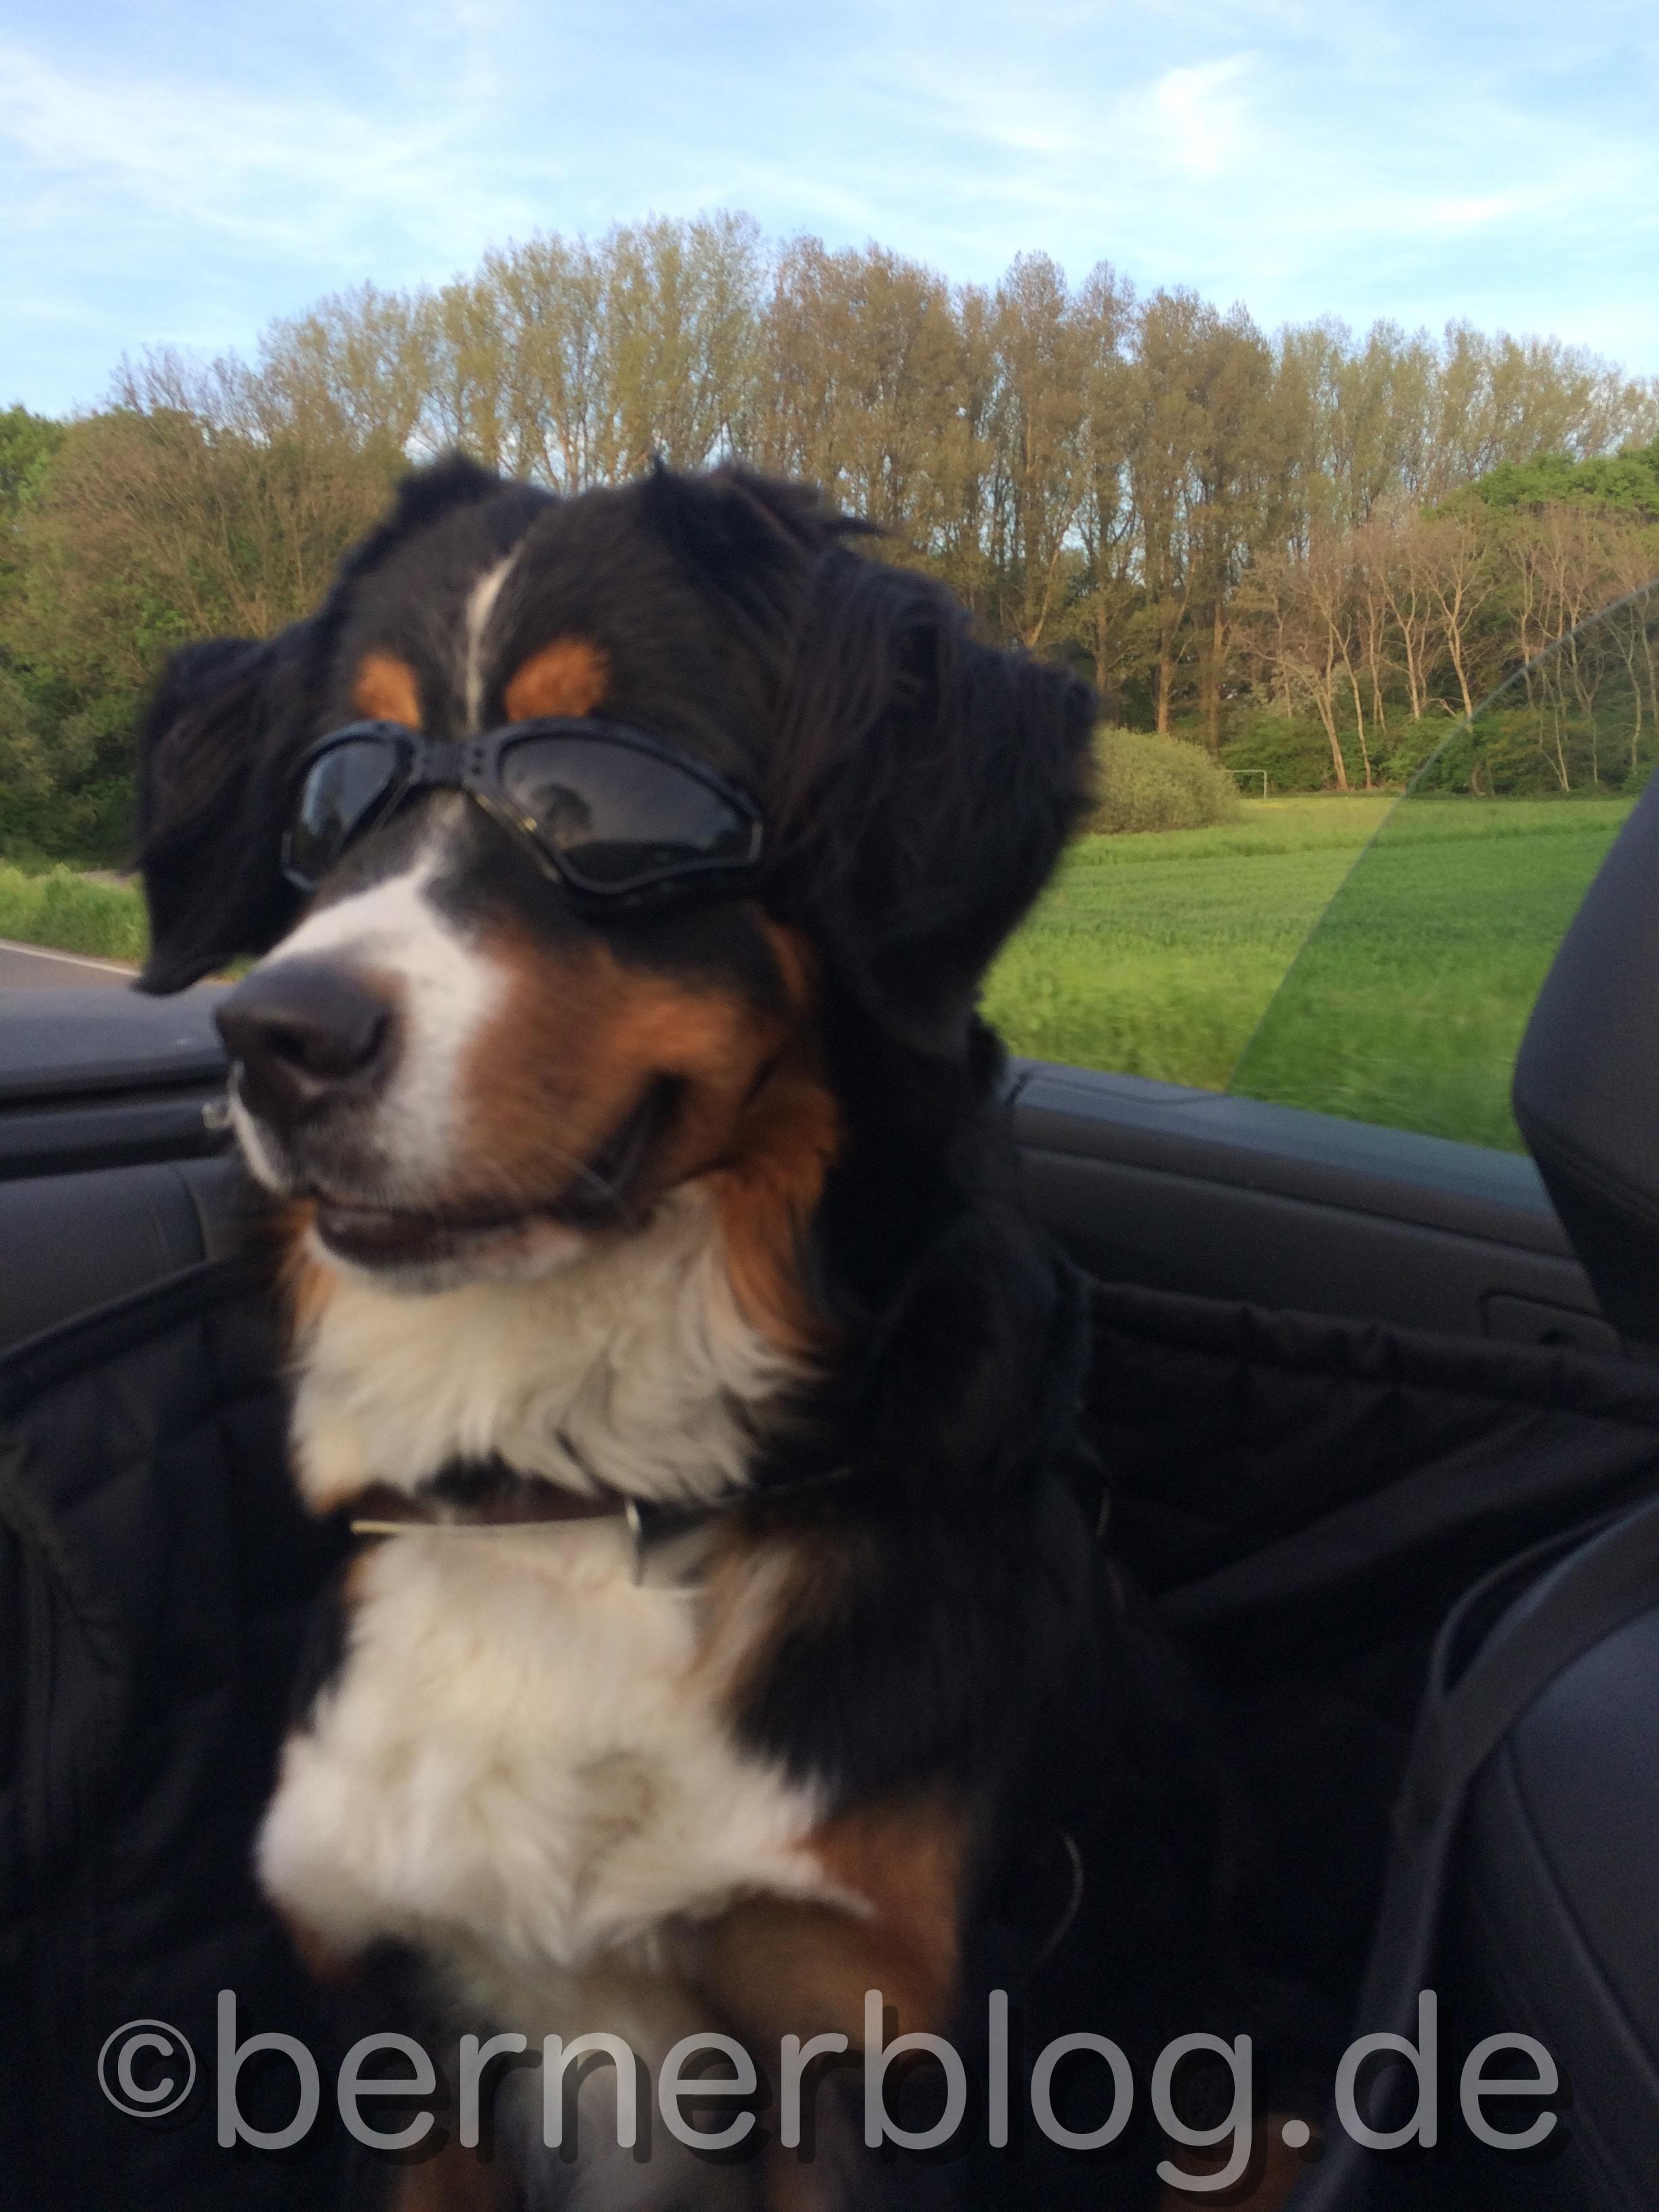 Skye fährt Cabriolet